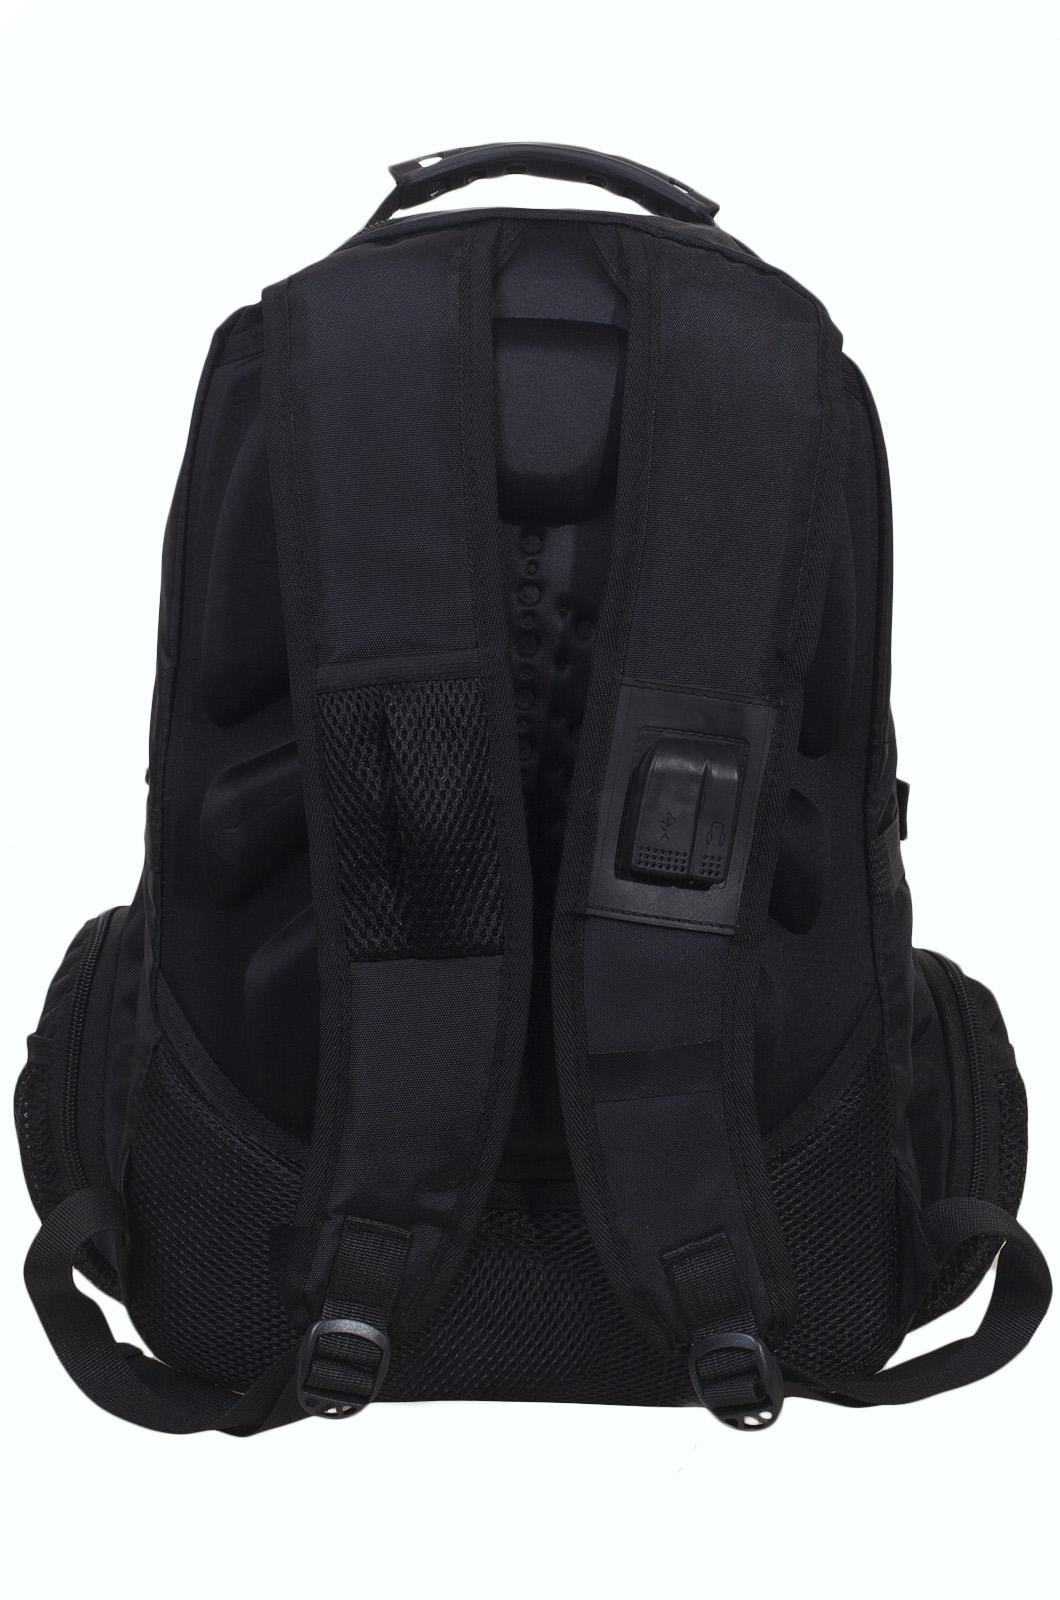 Зачетный рюкзак с символикой ВДВ купить онлайн